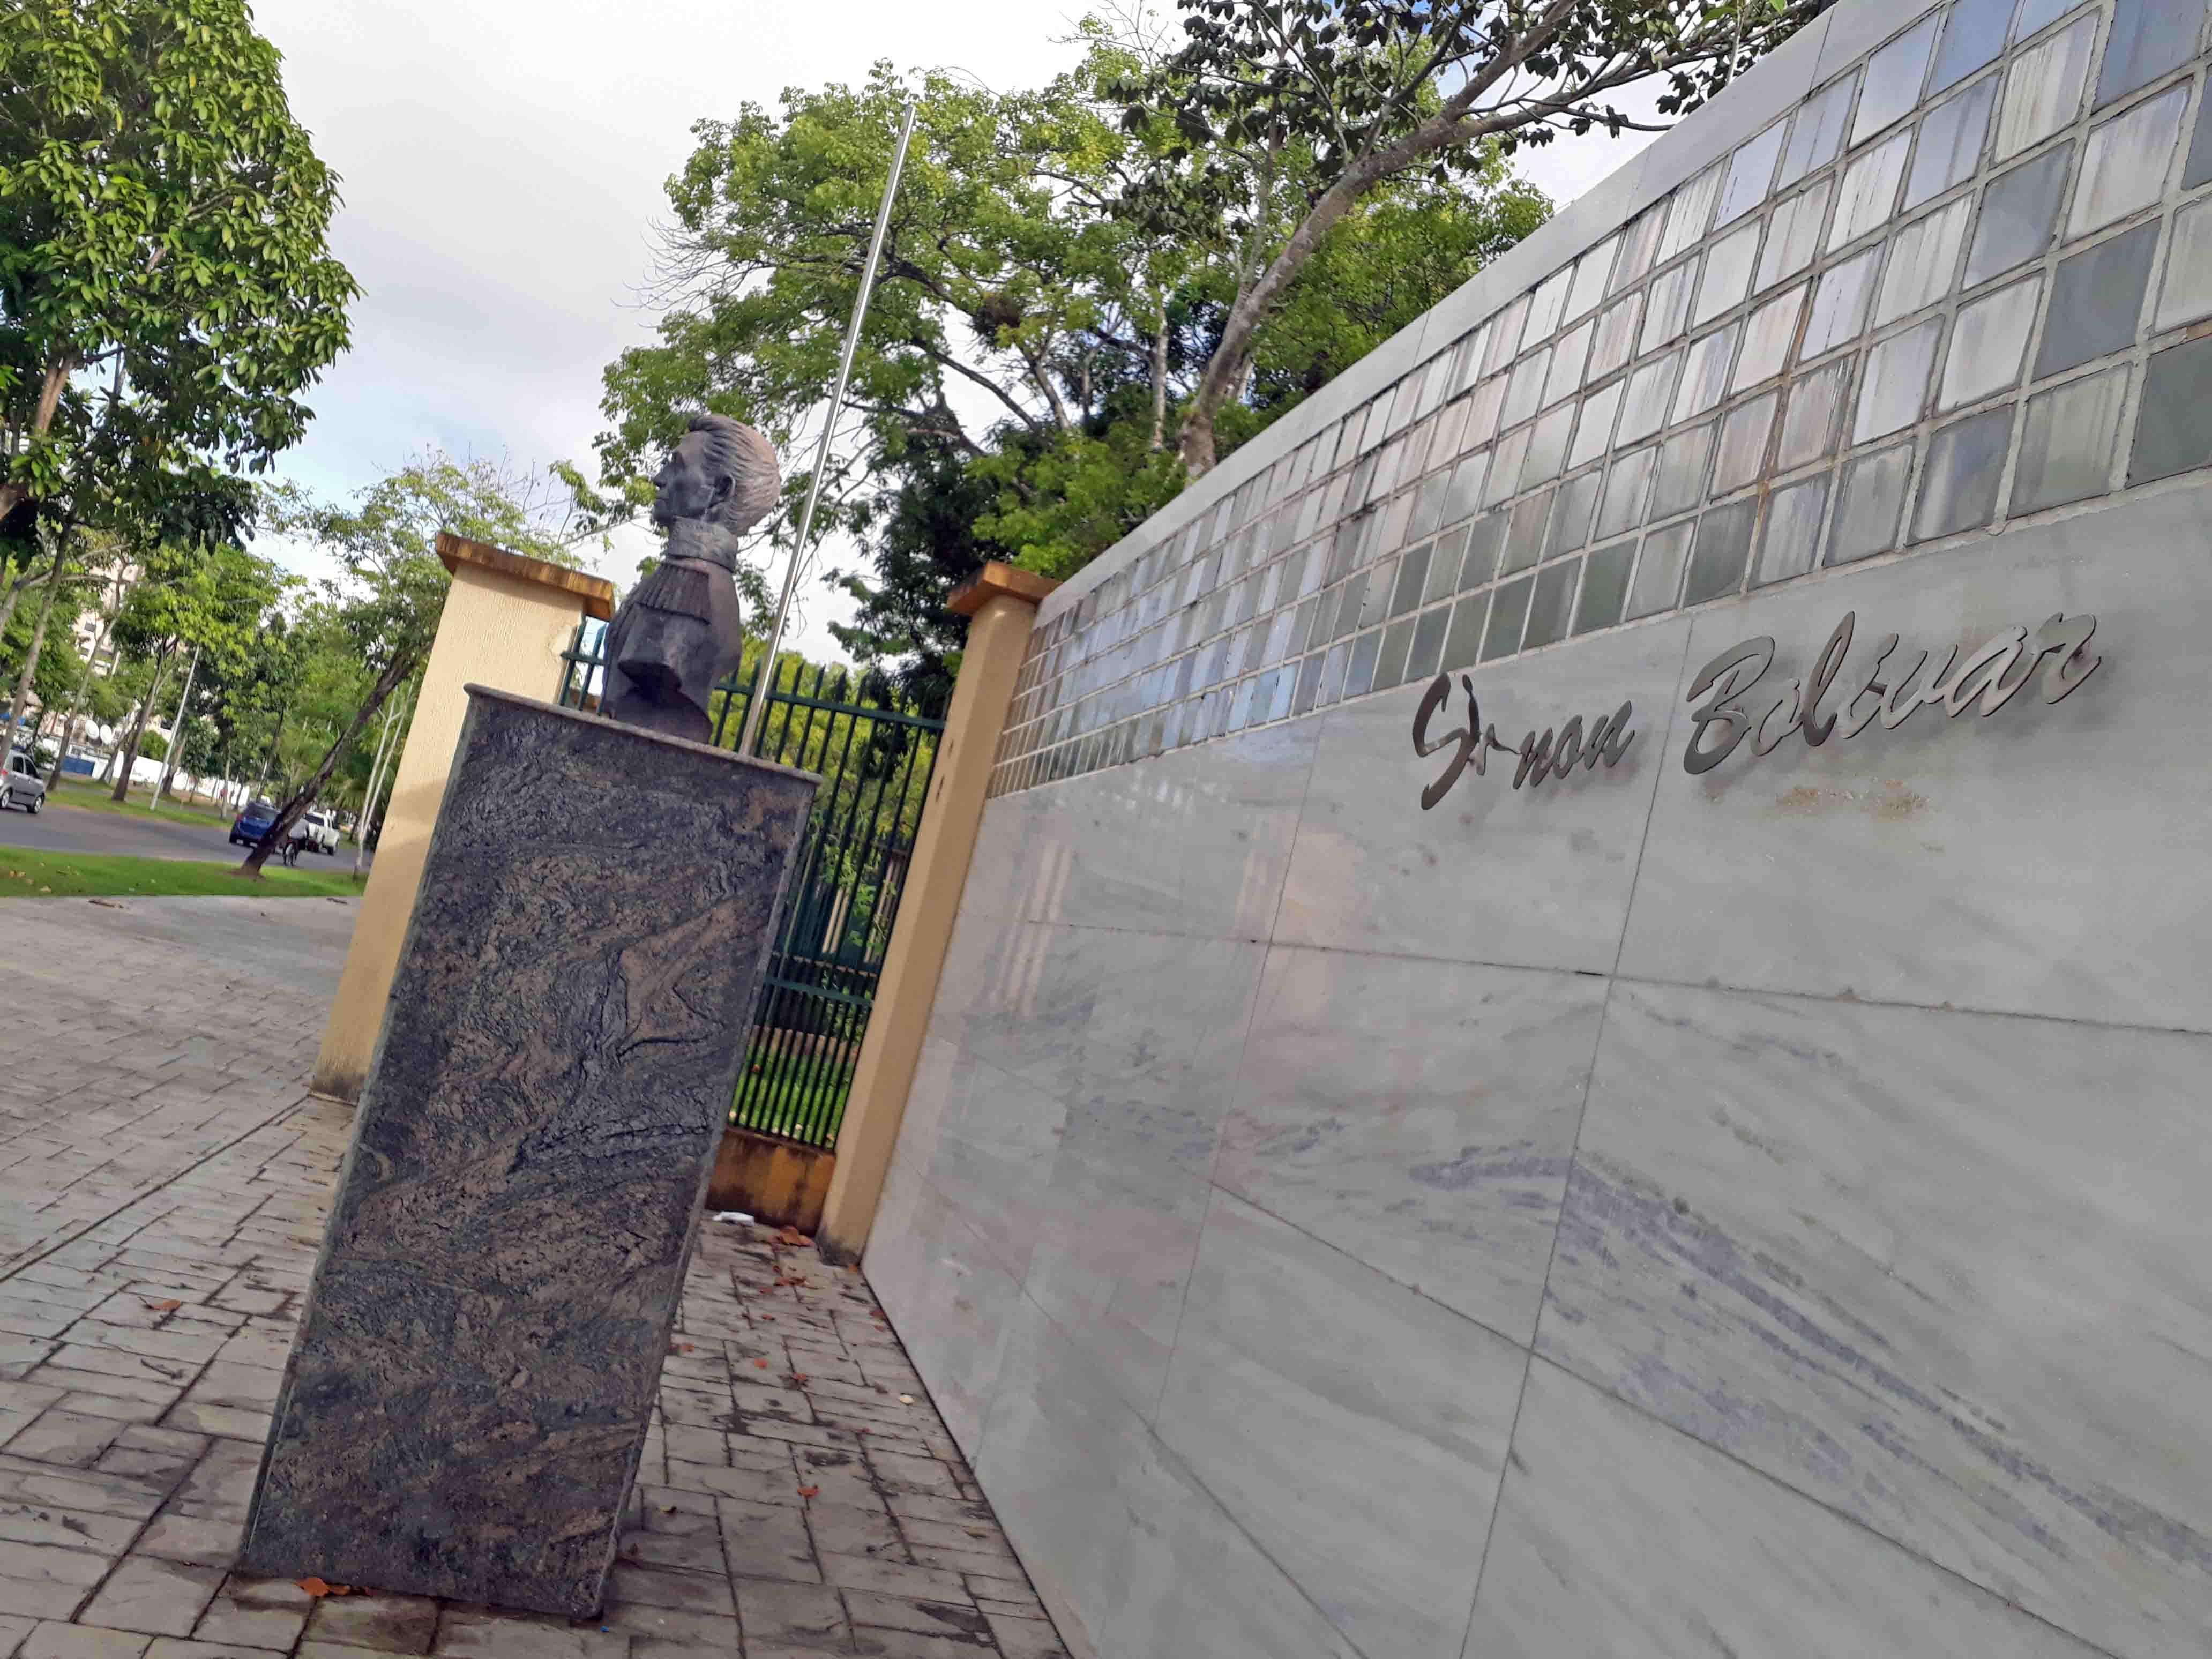 La única pieza intacta en el Paseo de Los Próceres, Maturín, es la de El Libertador, pero en 2015 se denunció que no era de bronce sino de yeso. Foto Jesymar Añez,  noviembre 2018.